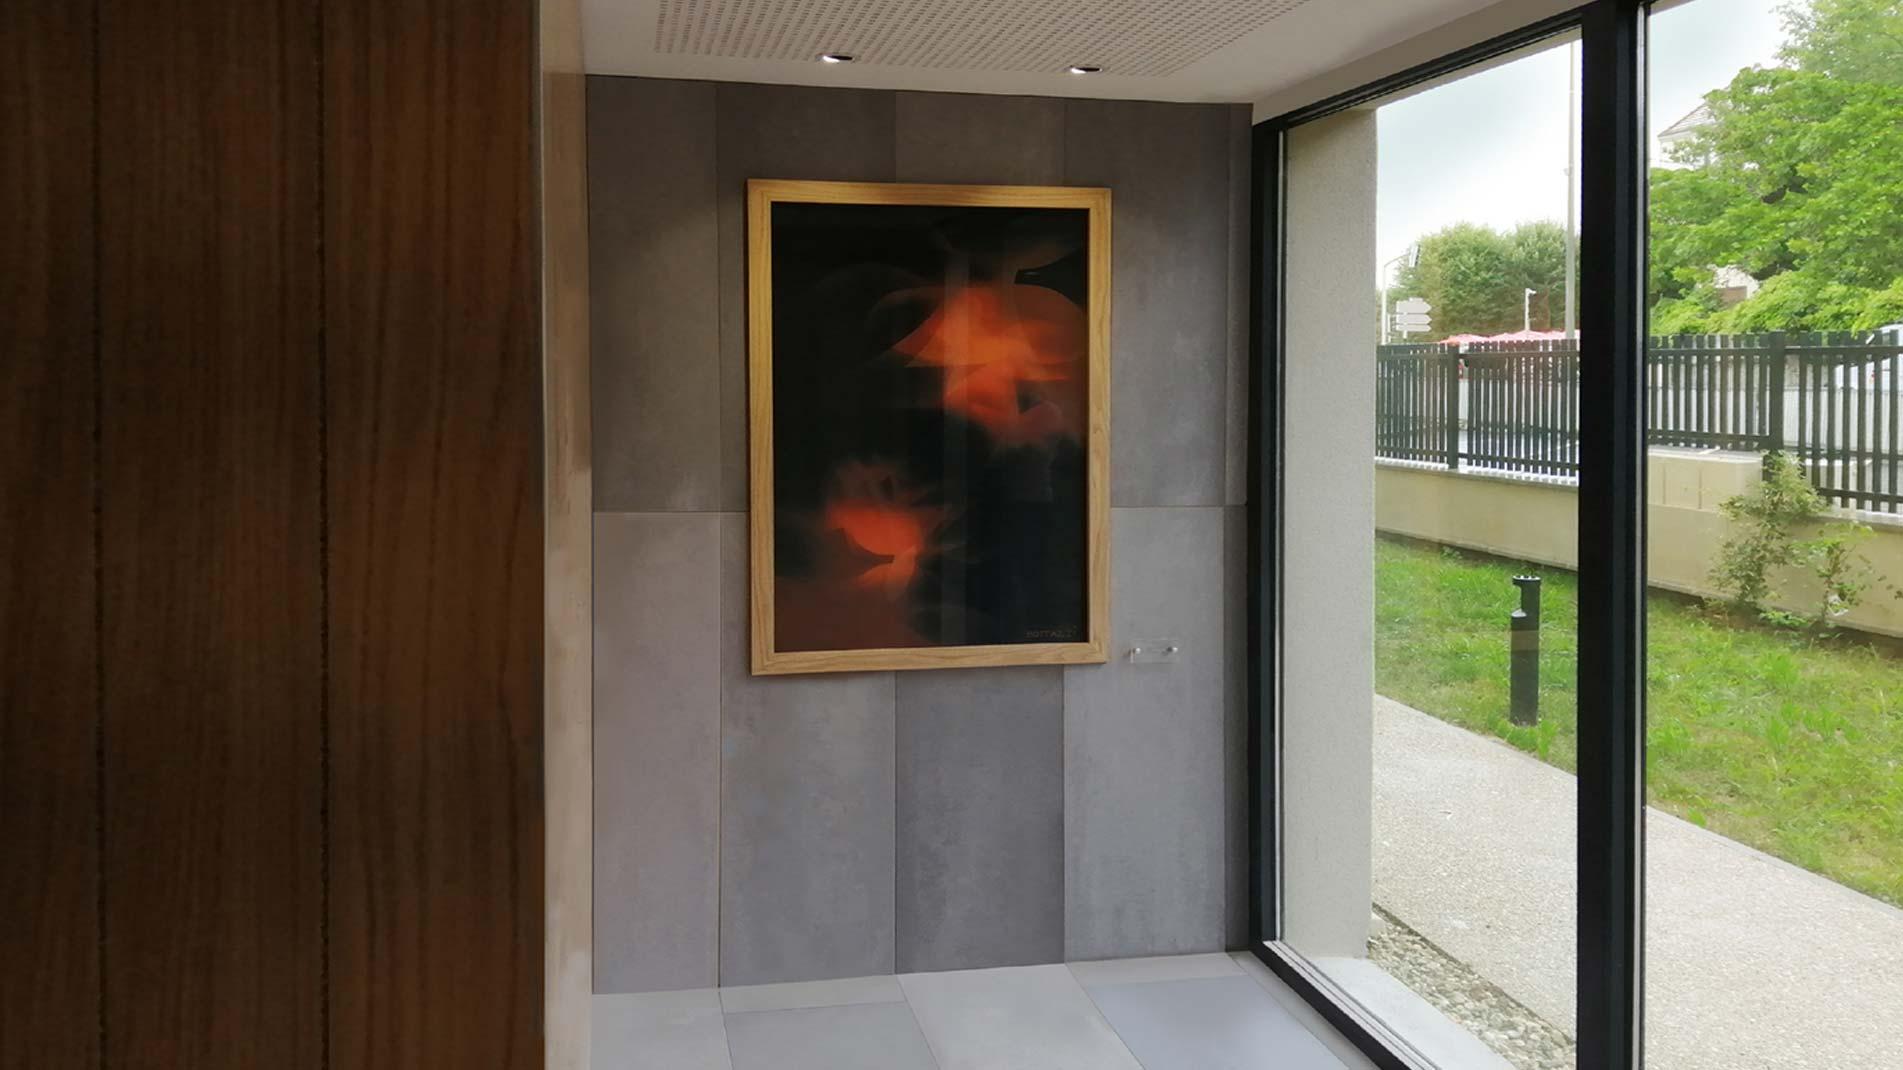 Oeuvre de Guillaume Bottazzi réalisée avec des émaux, collection permanente, Ile de France